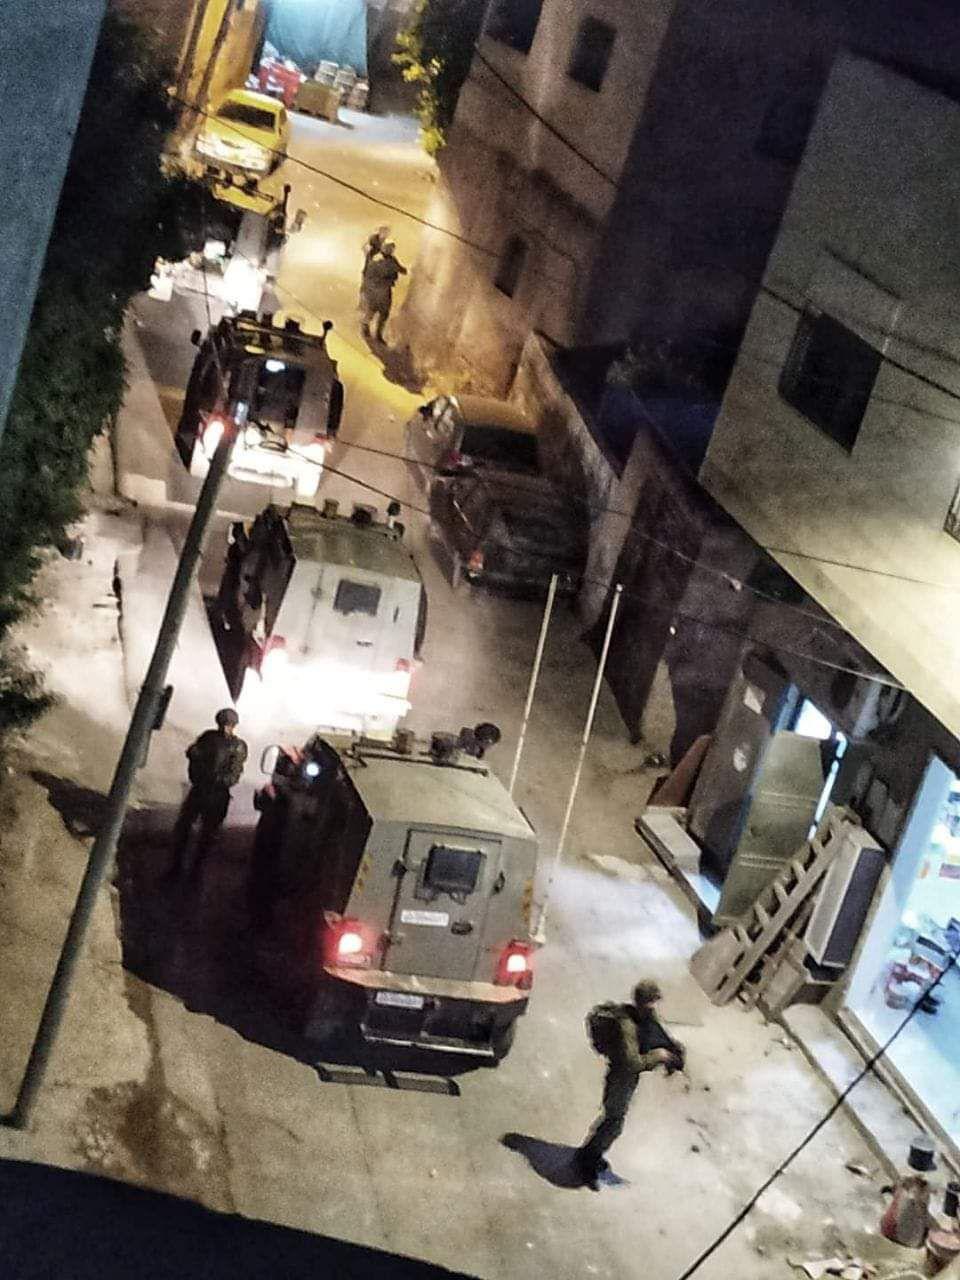 نحو 23 إصابة خلال مواجهات مع الاحتلال في نابلس